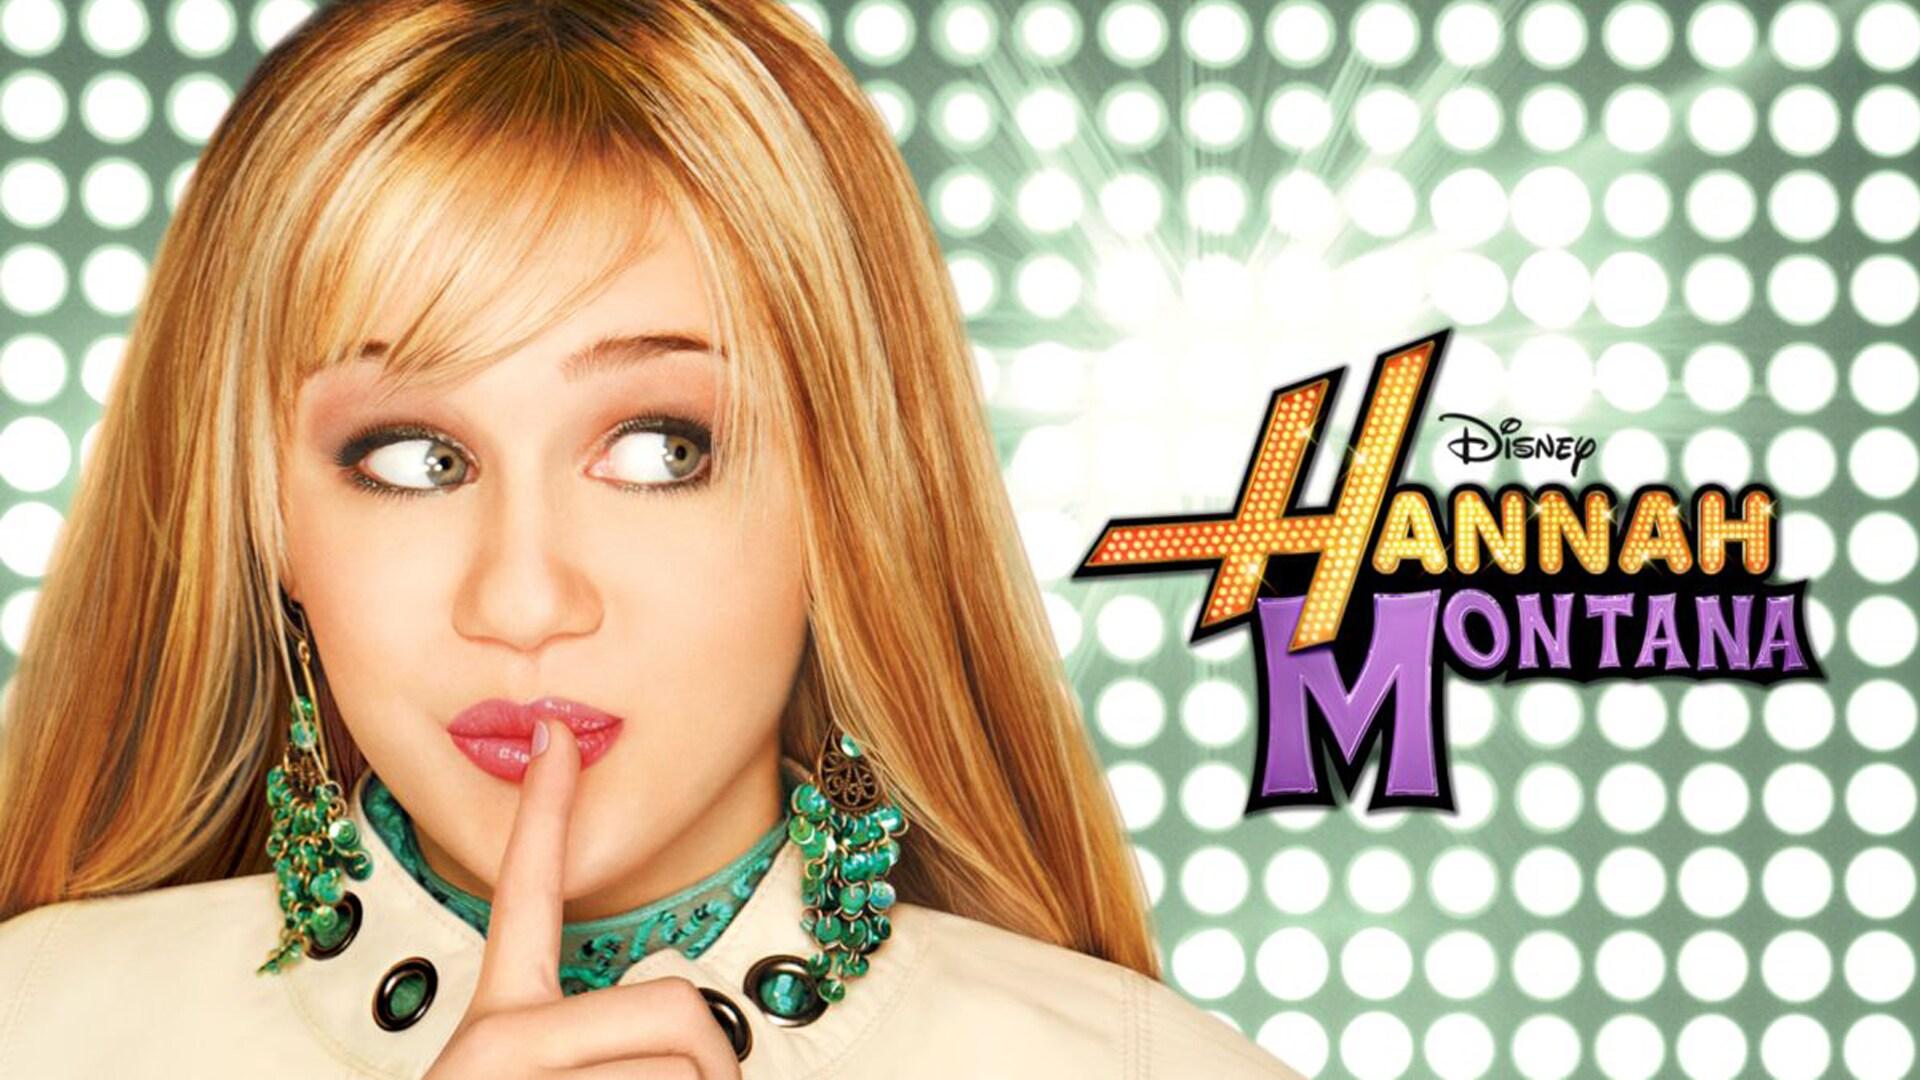 15 anos de Hannah Montana: 8 coisas que você não sabia sobre a série